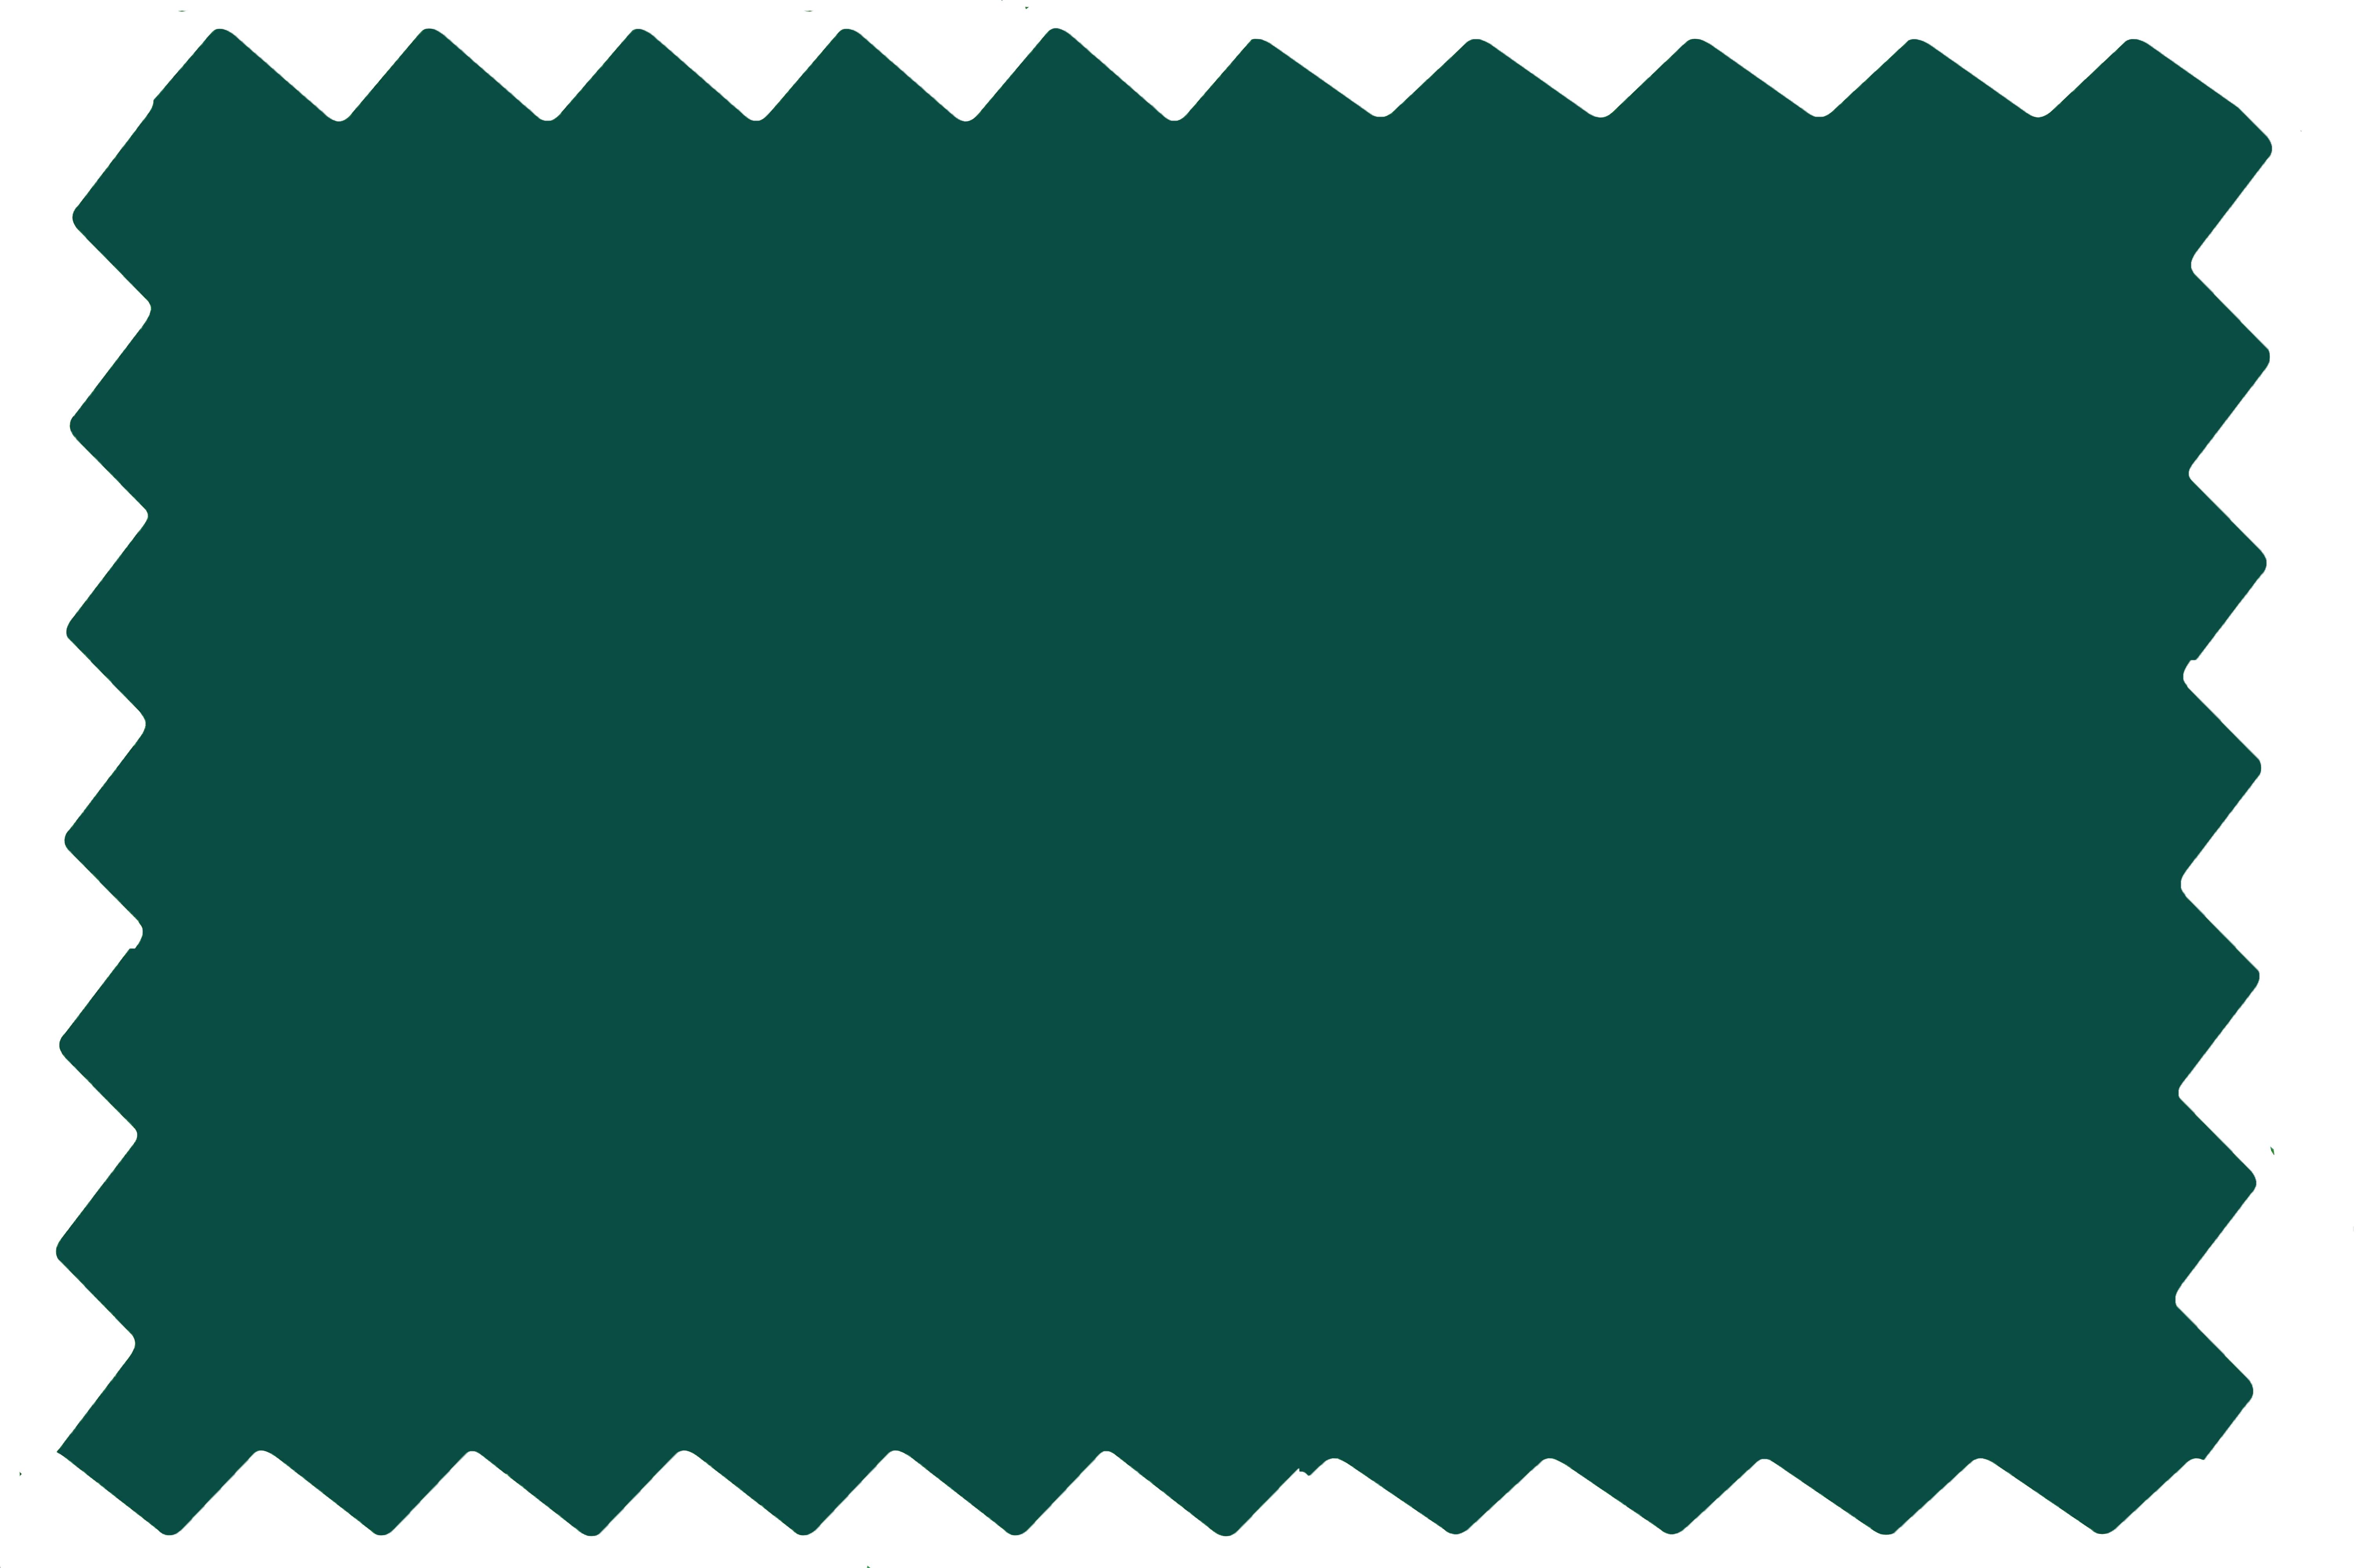 drap rapide vert-bleu.jpg